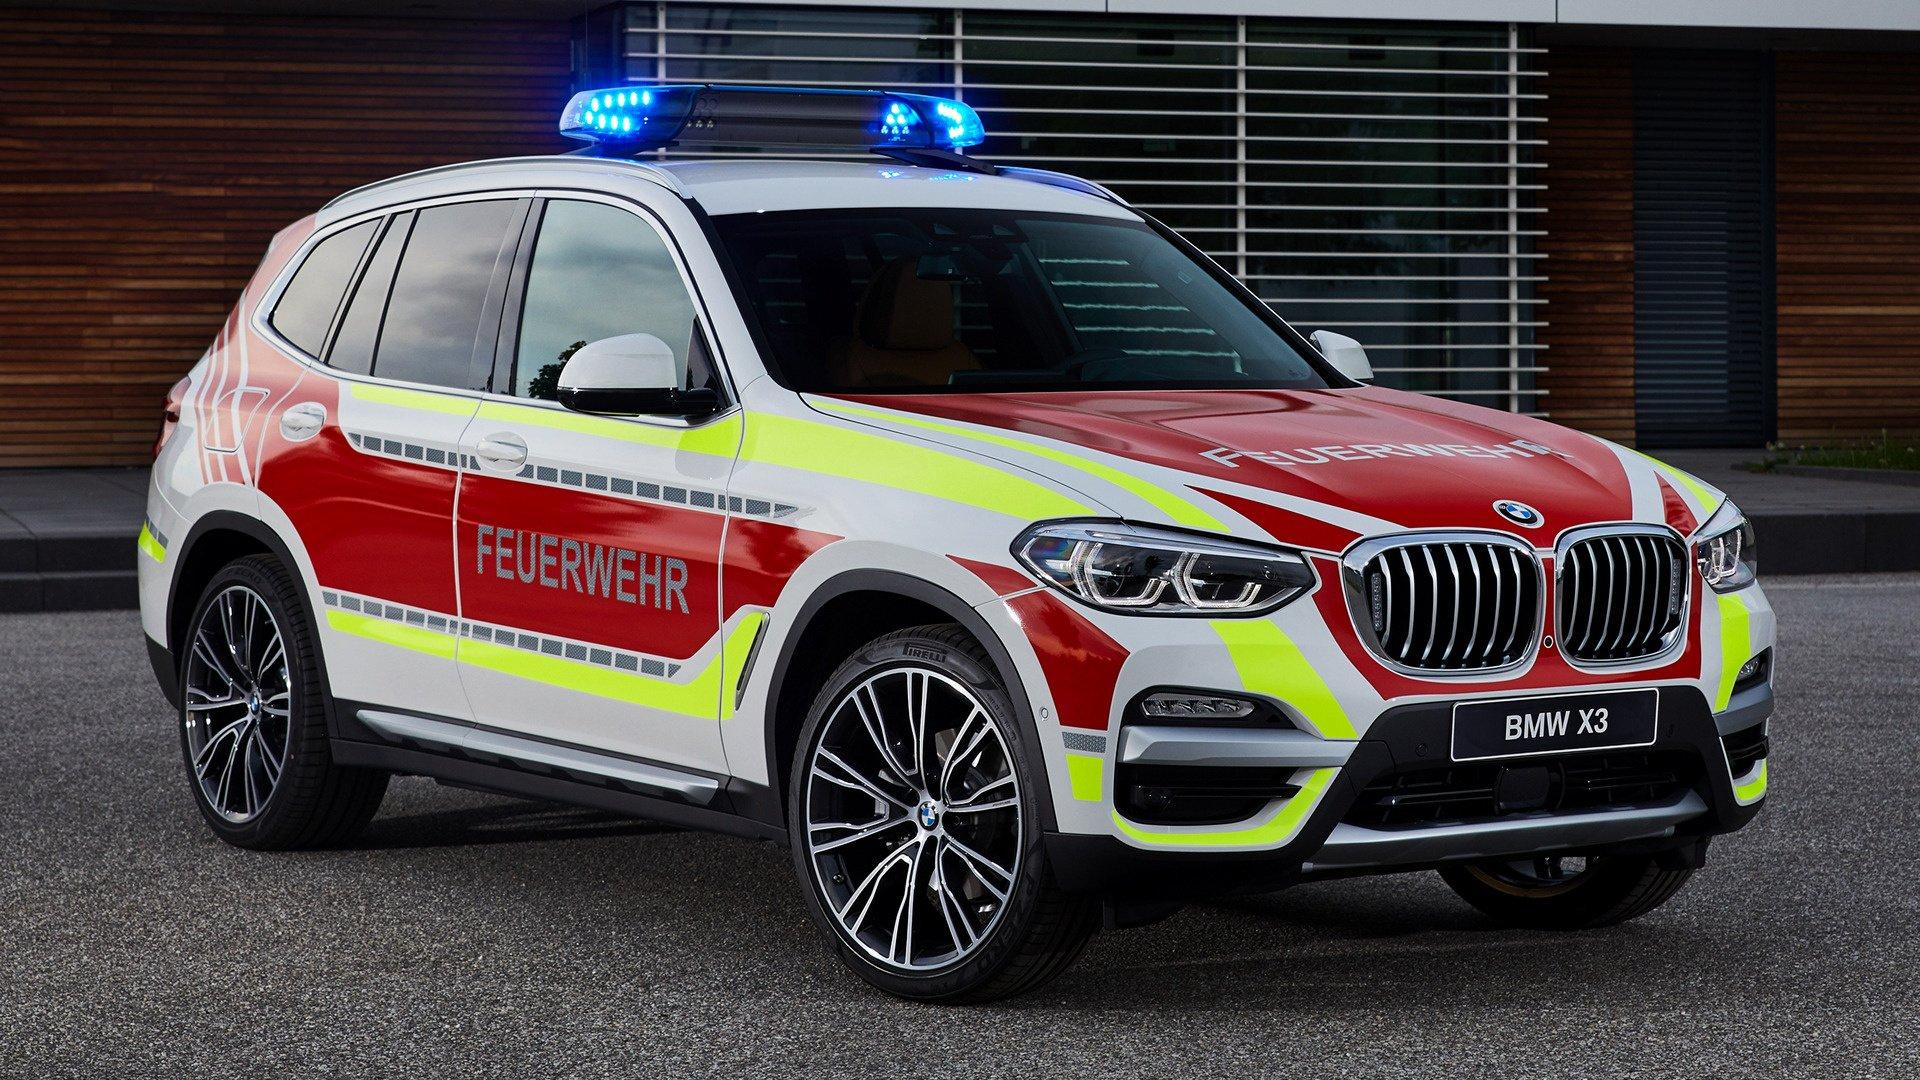 2018 BMW X3 Feuerwehr HD Wallpaper | Background Image ...